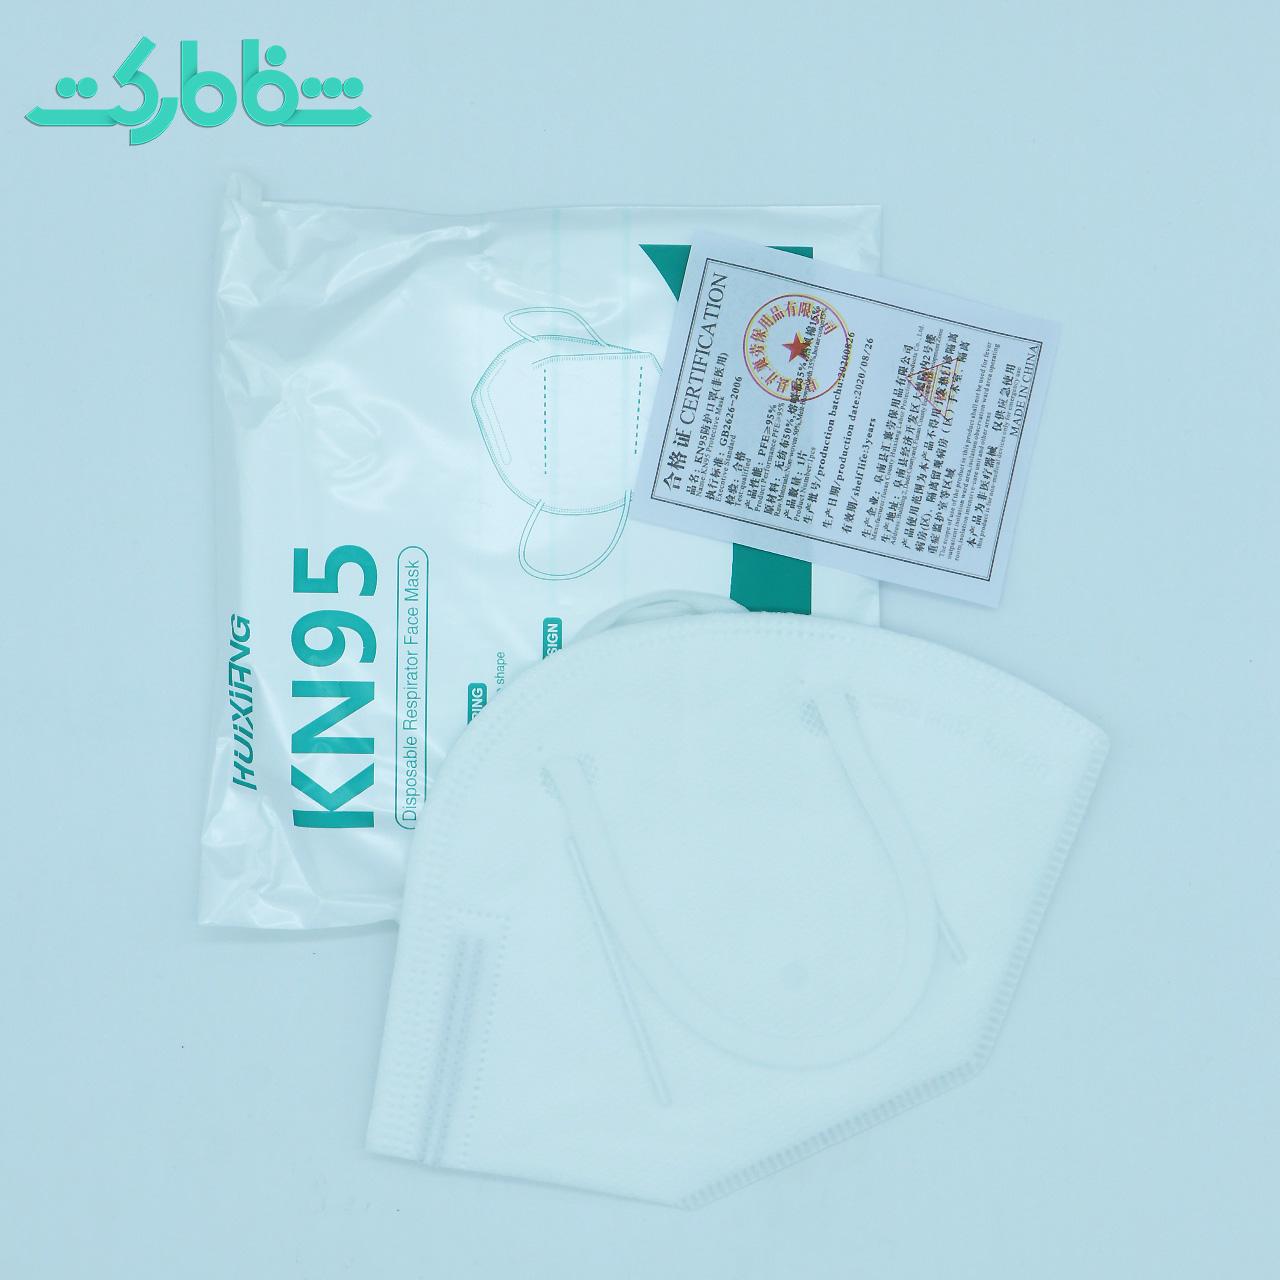 ماسک KN95،ماسک تنفسی اورجینال،ماسک تنفسی،ماسک،ماسکKN95اصل